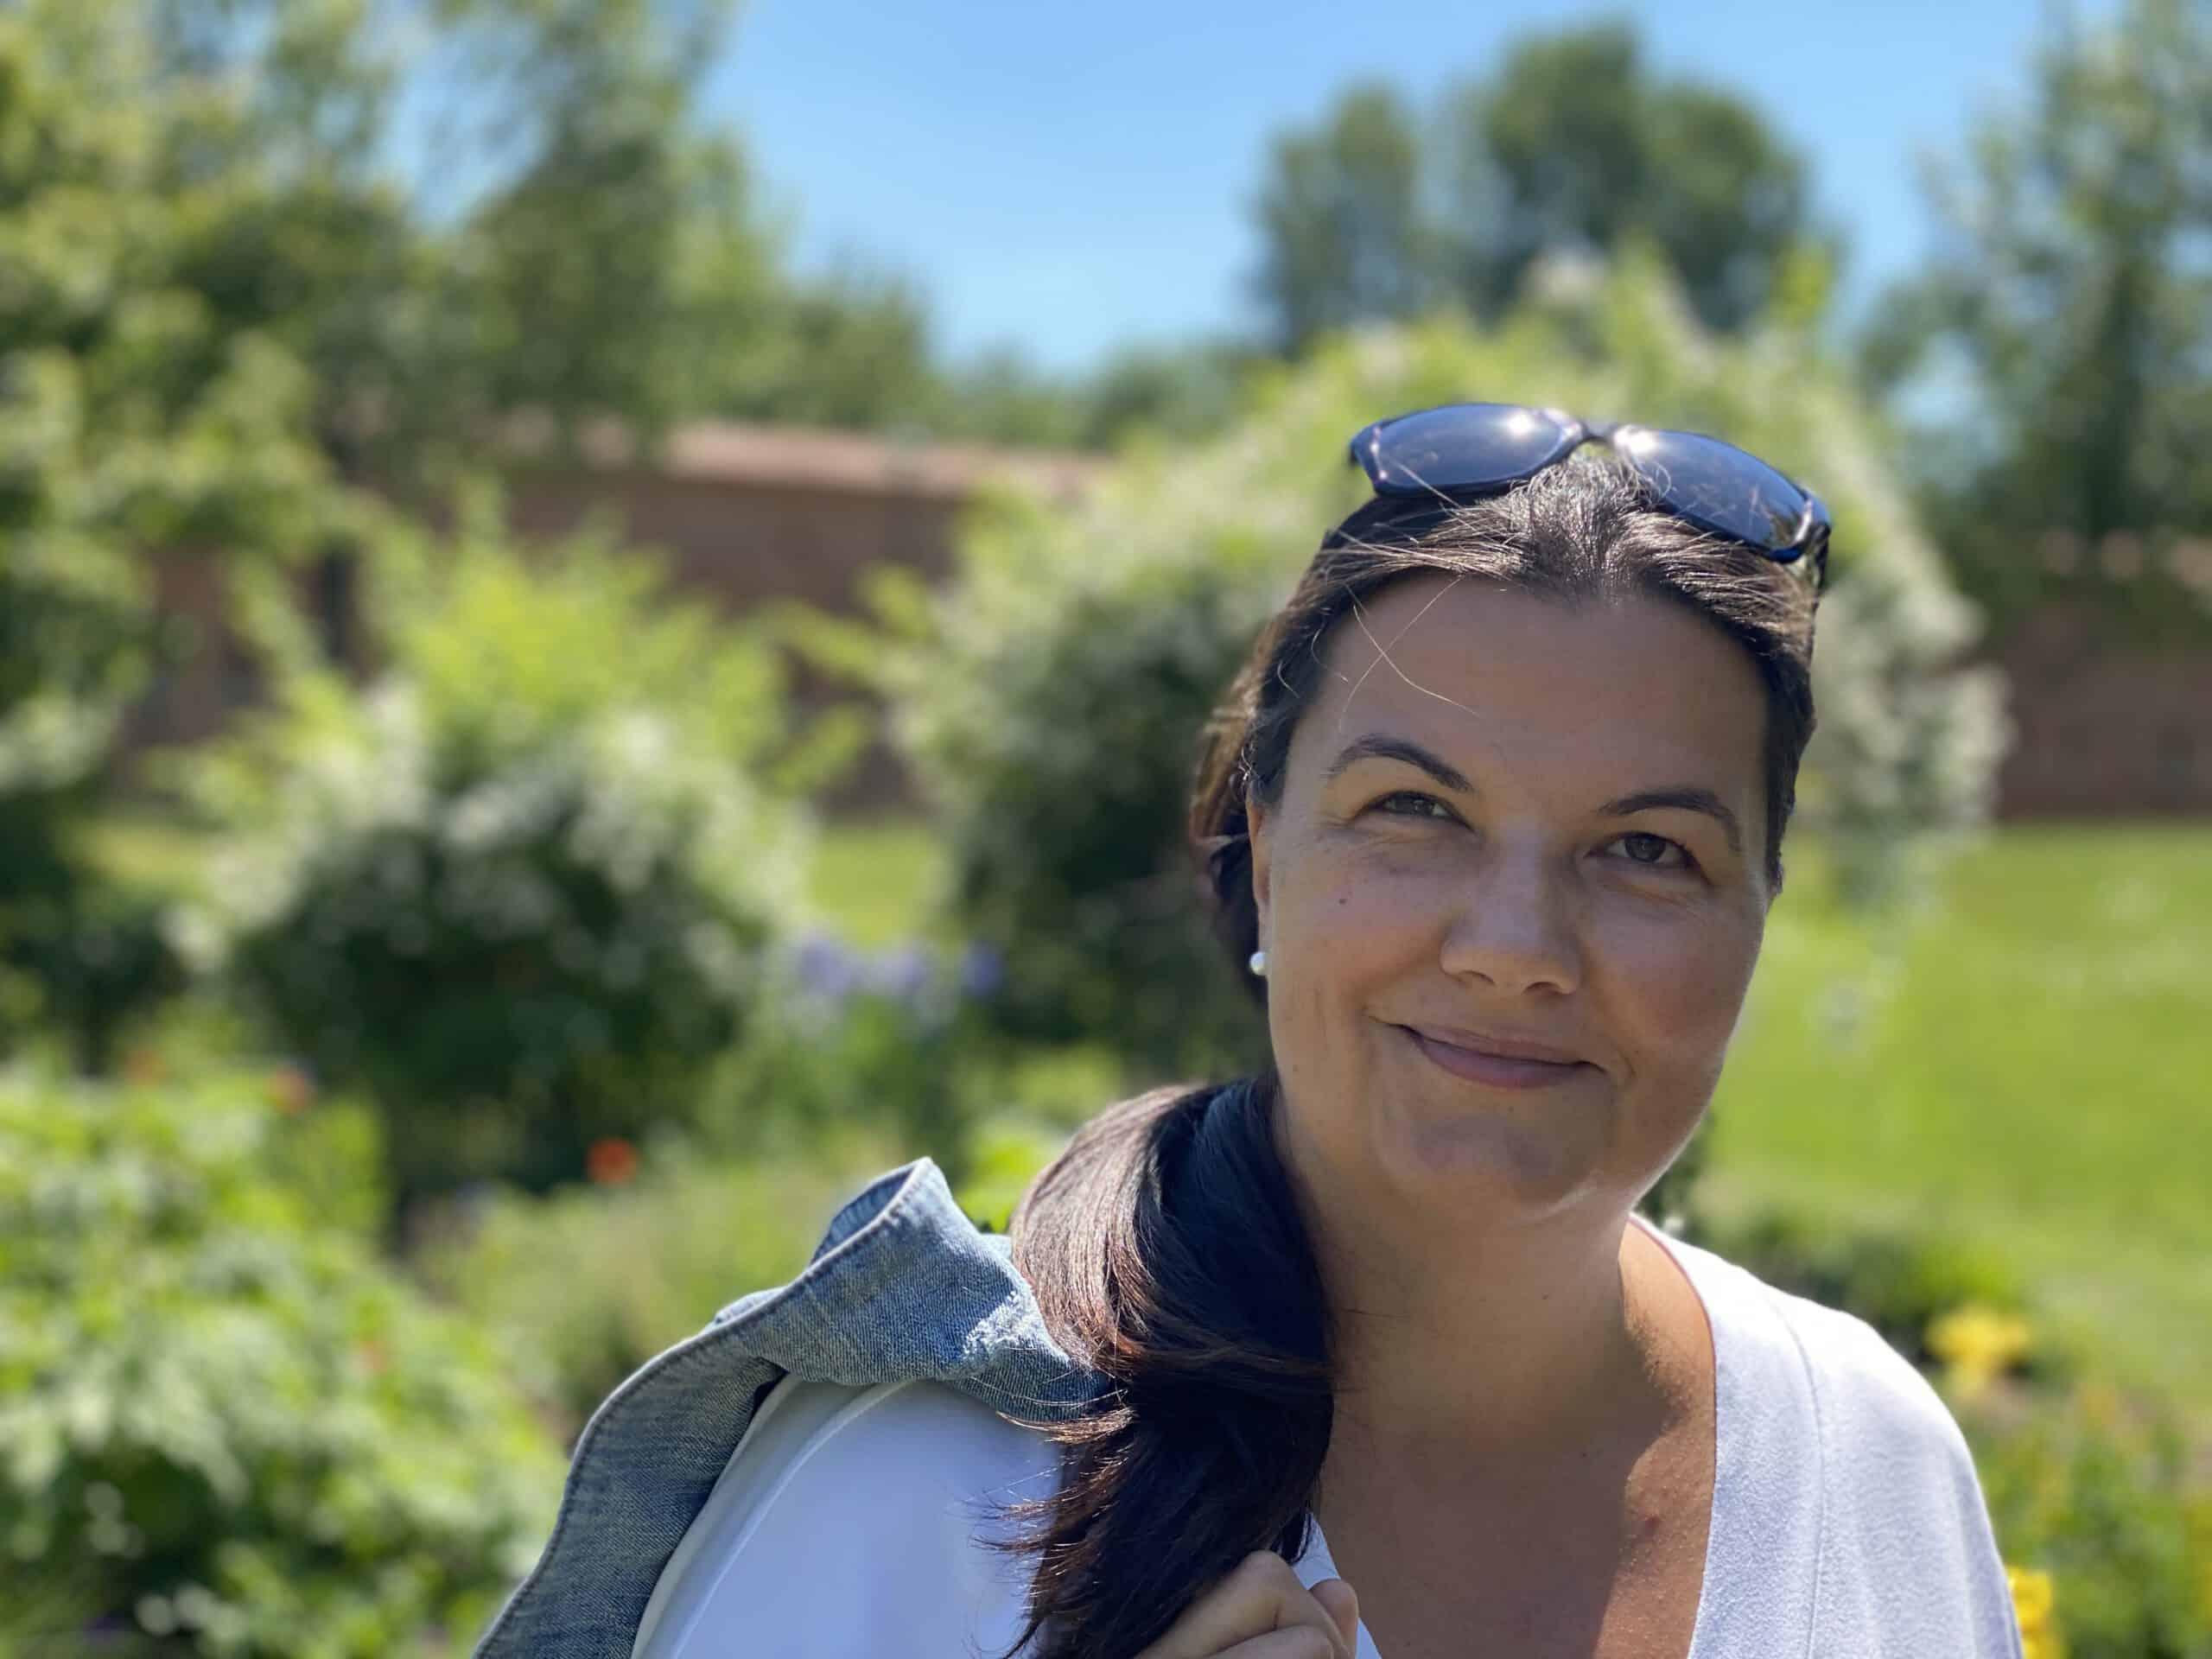 Gerti Haslauer im Klenzepark Ingolstadt - Expertin für Beetplanung und Floristik aus Pörnbach Bayern -